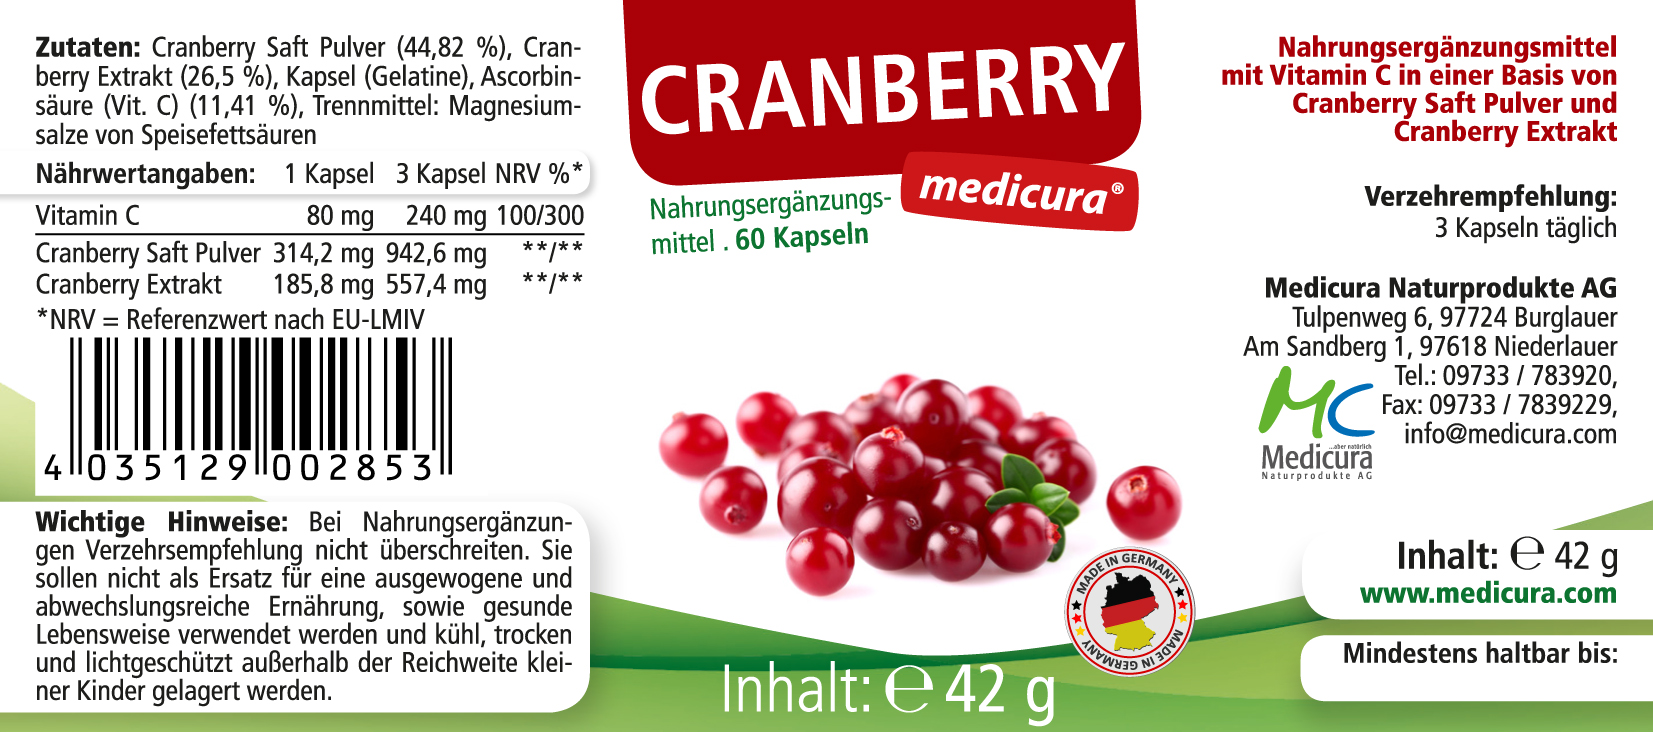 Cranberry - 60 Kapseln